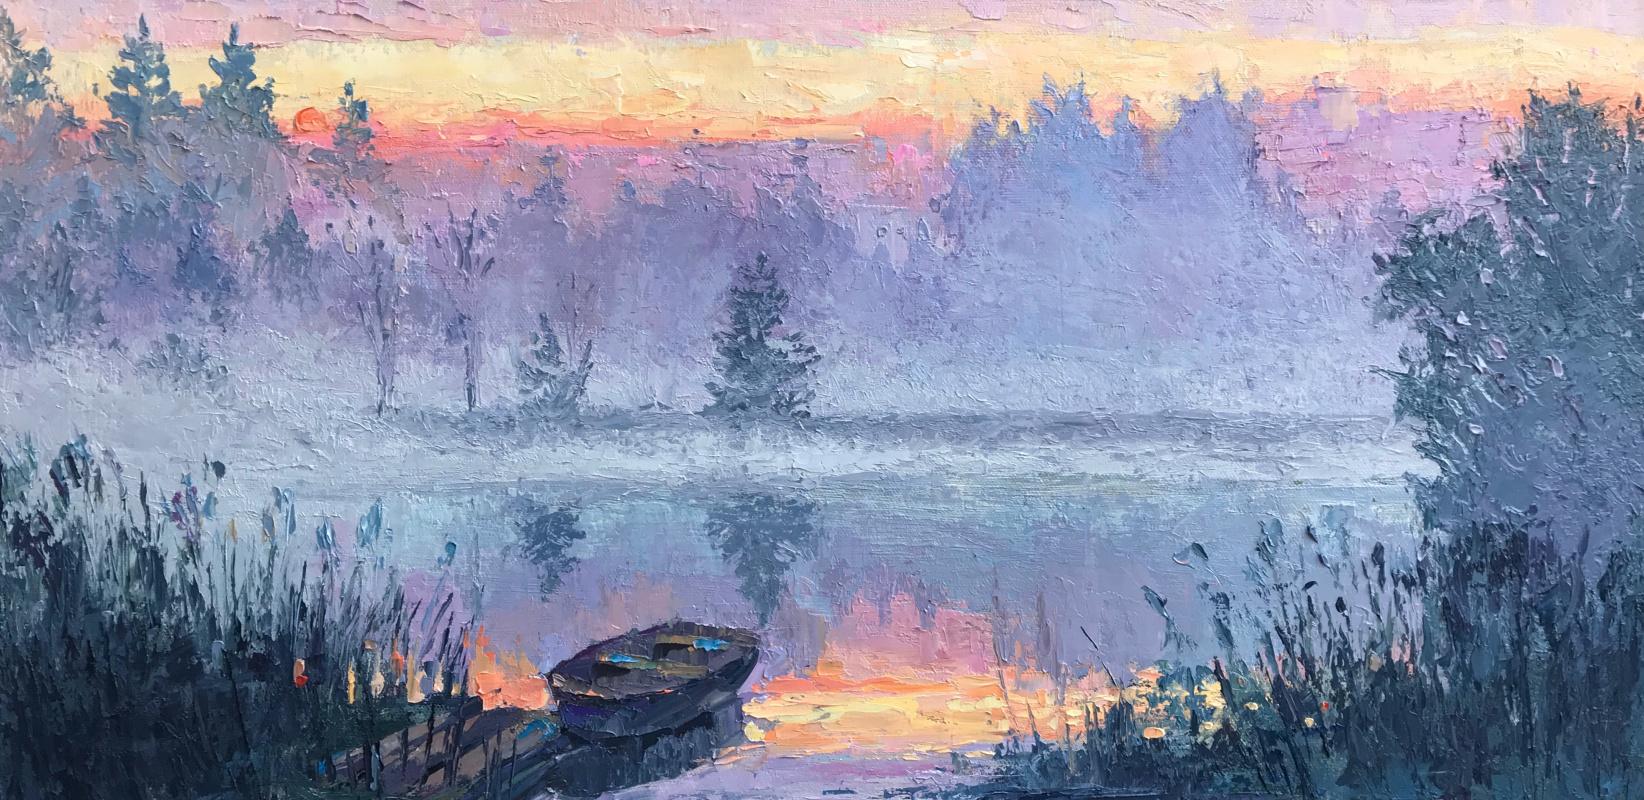 Alexander Dmitrievich Svistunov. Glow